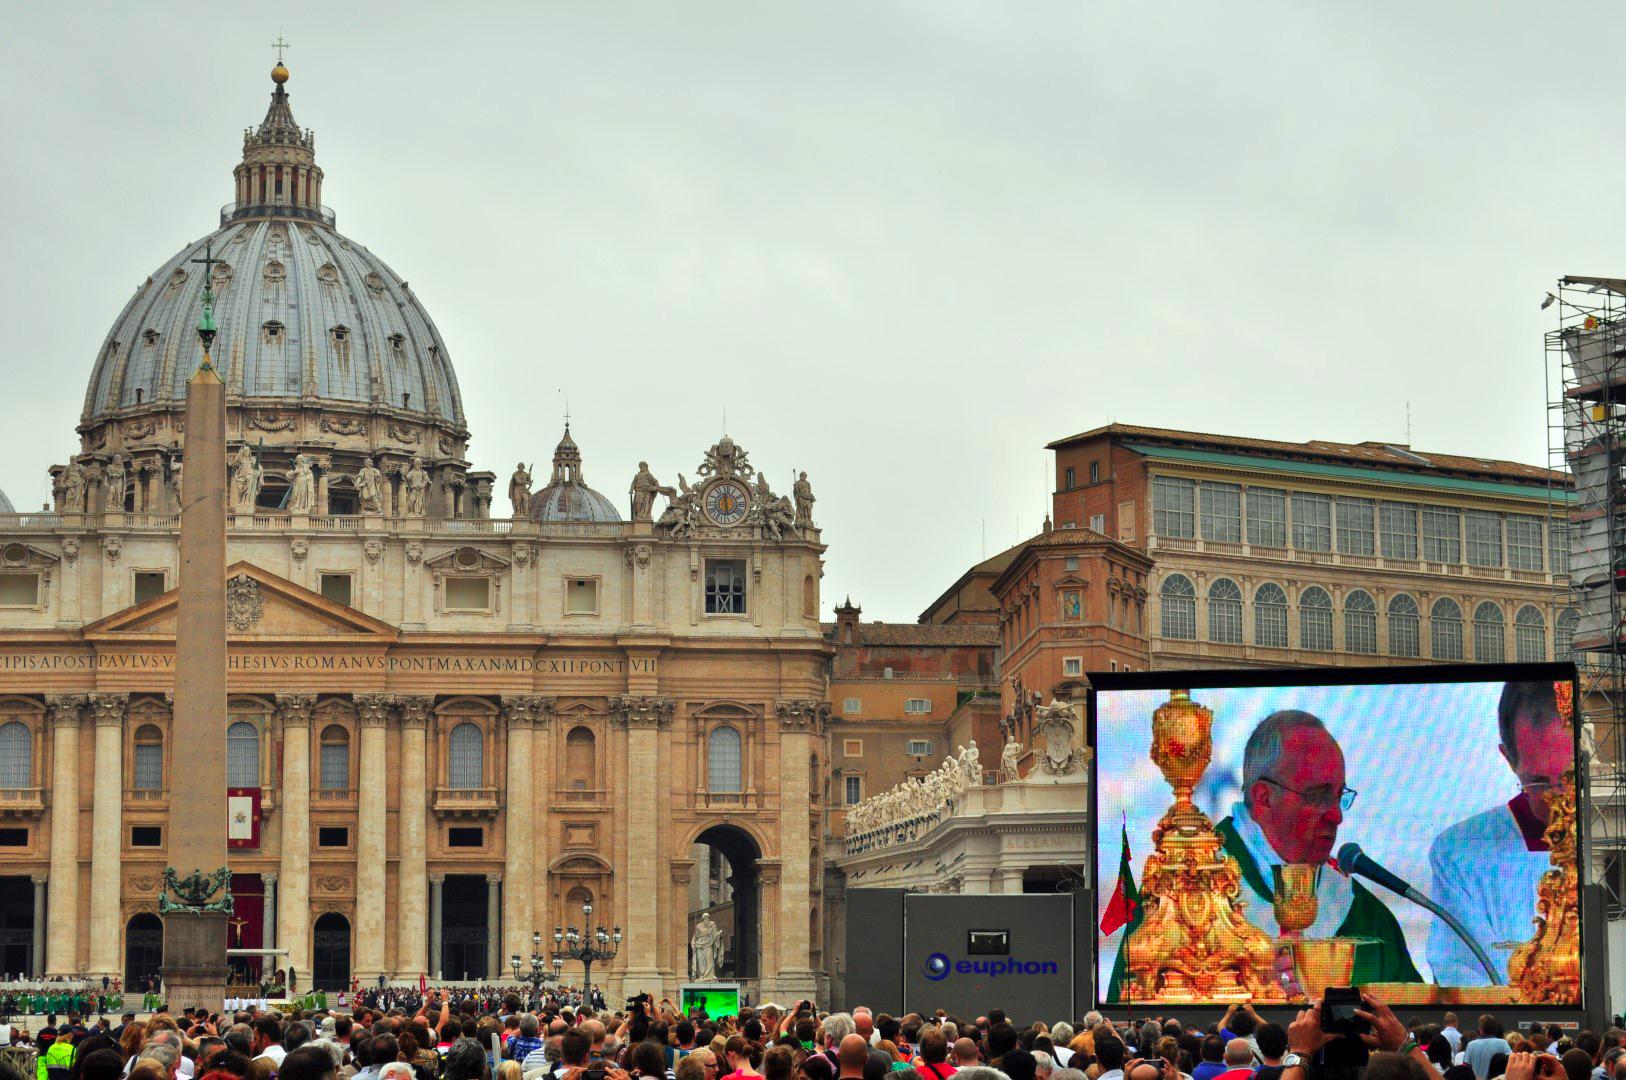 Ropa en el Vaticano, Roma, Italia roma - 29916230596 fcd5223e0f o - 21+1 Cosas que NO hacer en Roma, Italia